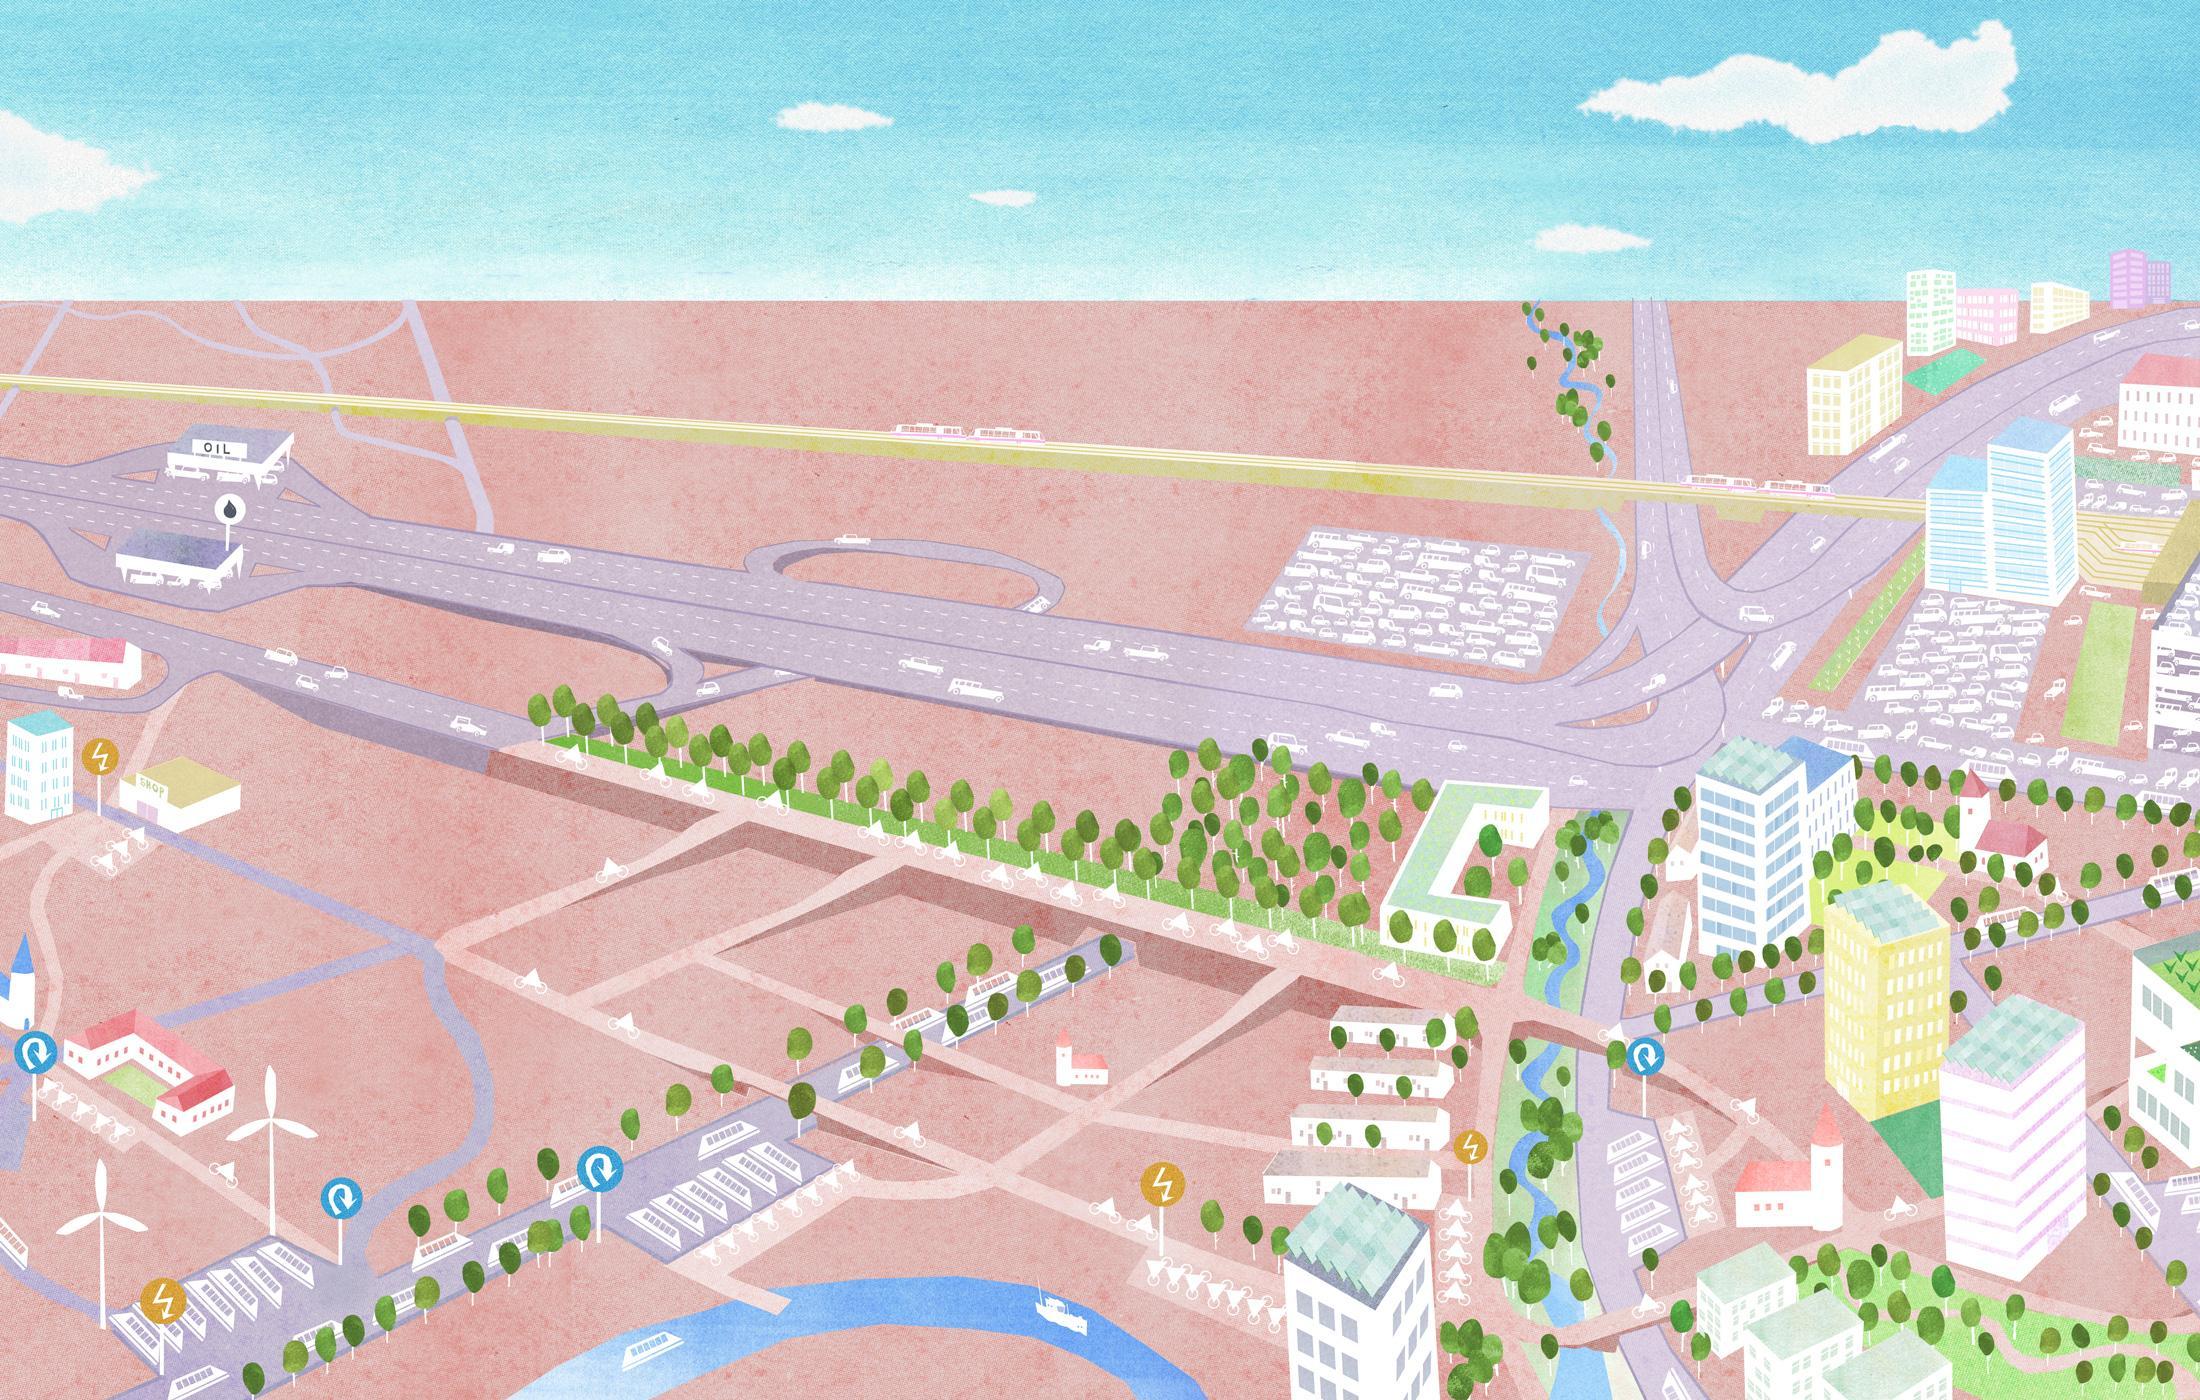 © Architecture Workroom Brussels en Sannah Belzer voor de studie Lage Landen